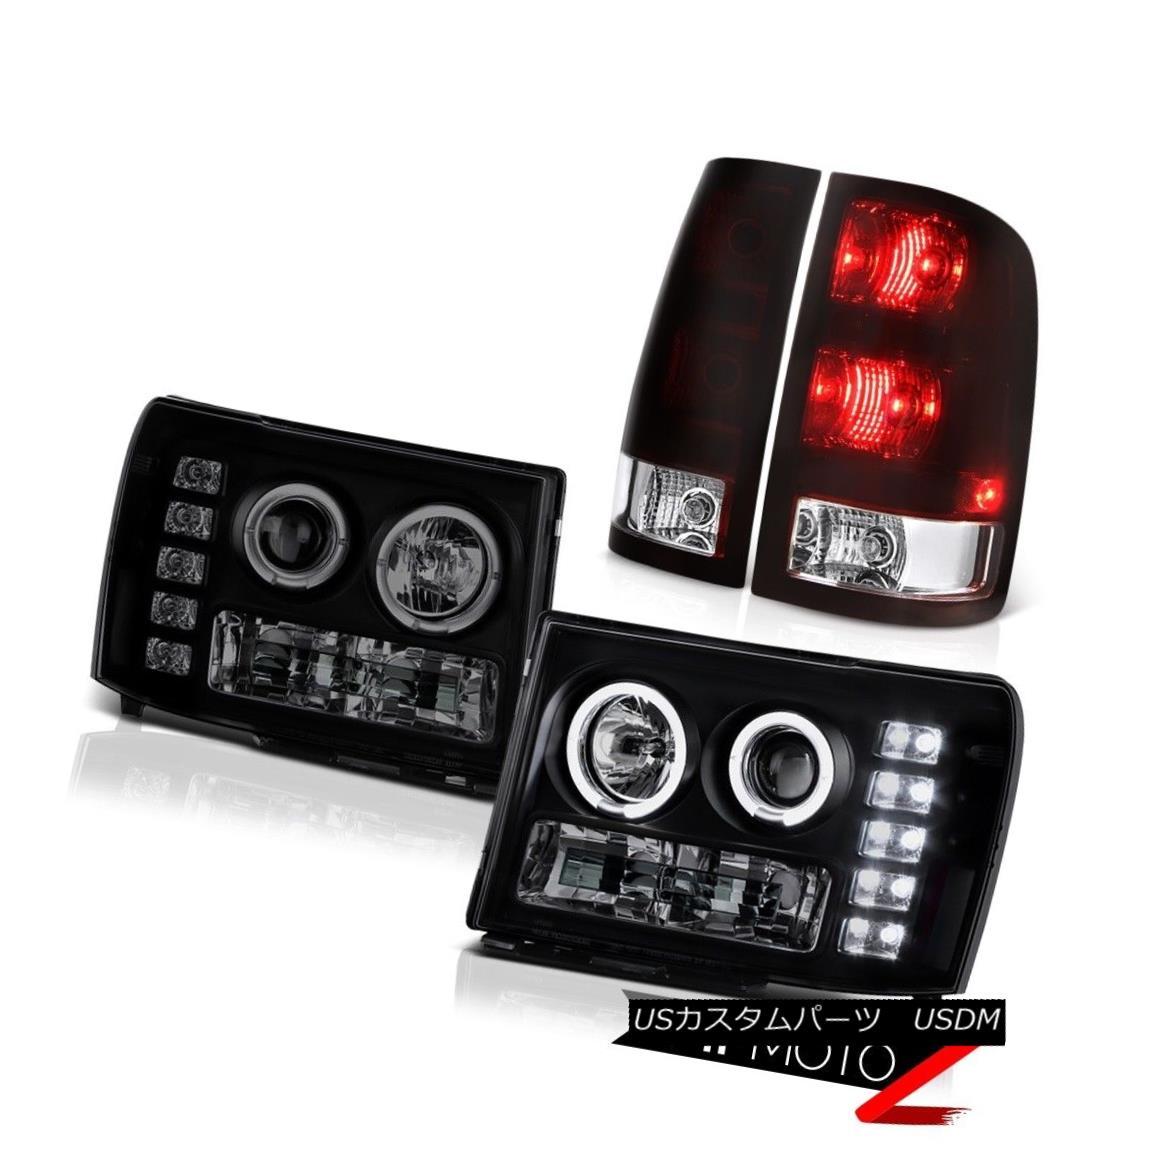 テールライト 2008-2014 Sierra 2500 SLE Burgundy Red Tail Brake Lamps Headlights LED Dual Halo 2008-2014 Sierra 2500 SLE BurgundyレッドテールブレーキランプヘッドライトLEDデュアルヘイロー